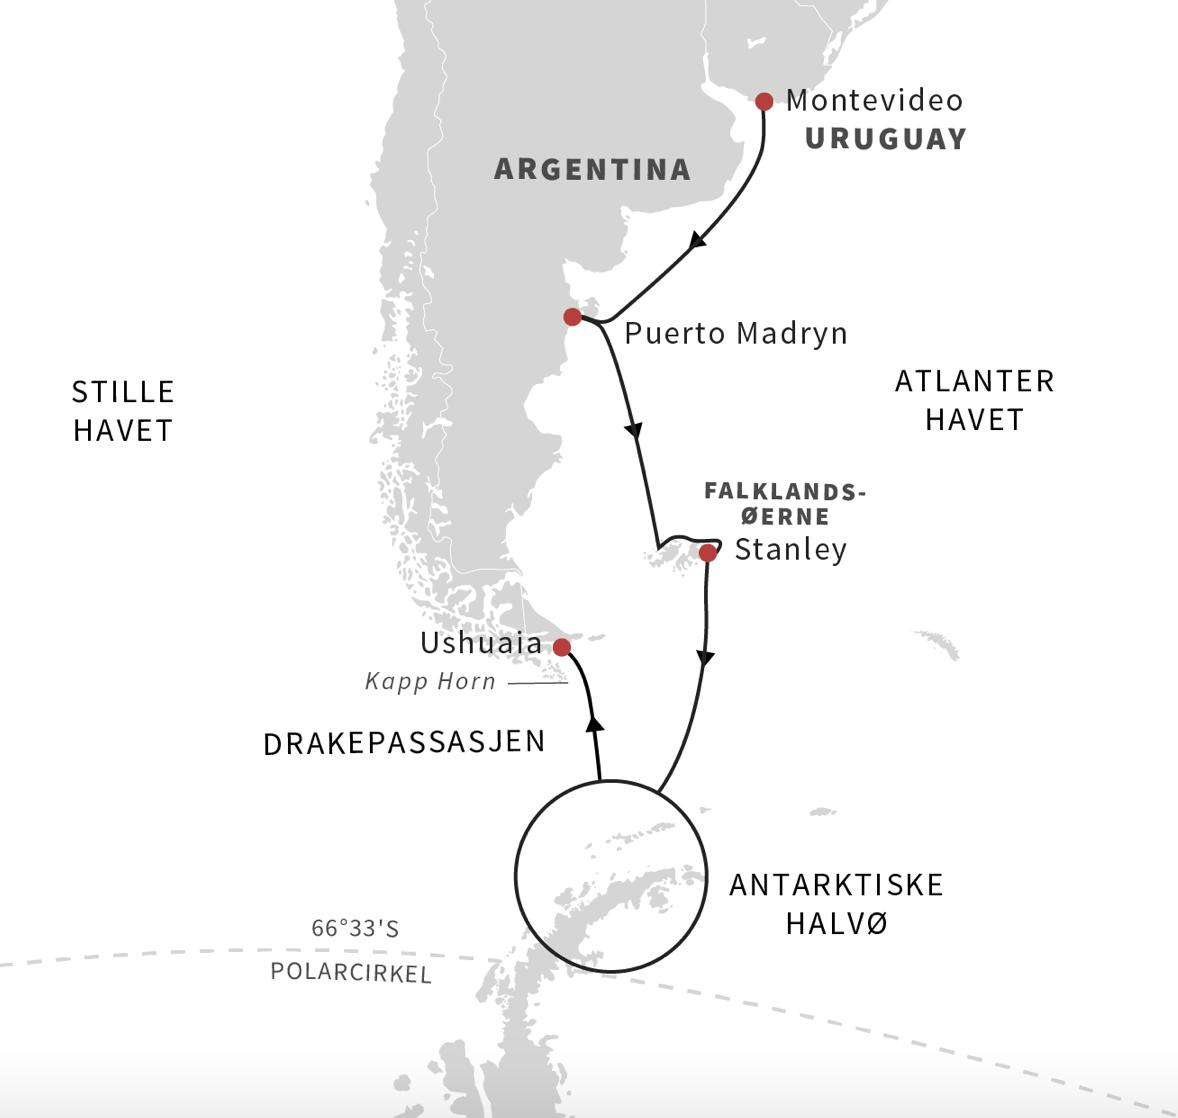 Ruten Montevideo til Antarktis til Ushuaia